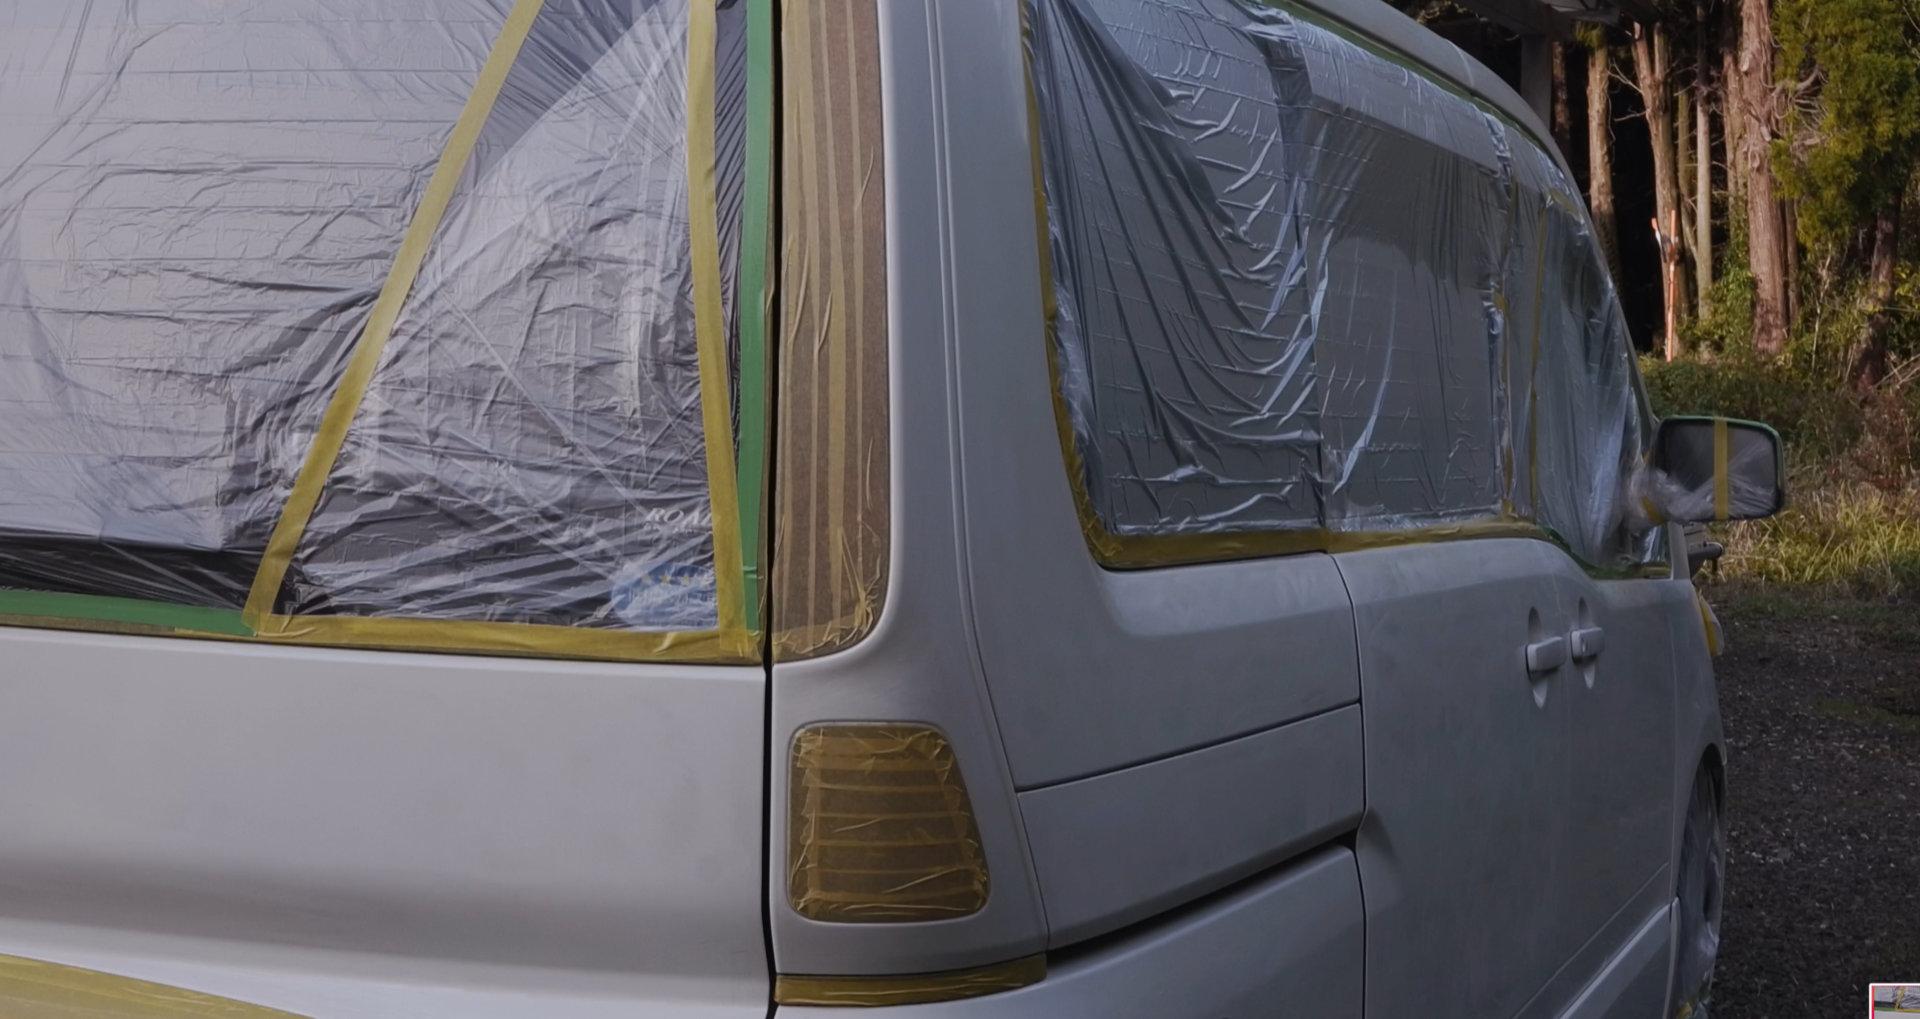 セレナをDIY全塗装 養生後のリア側|車塗装